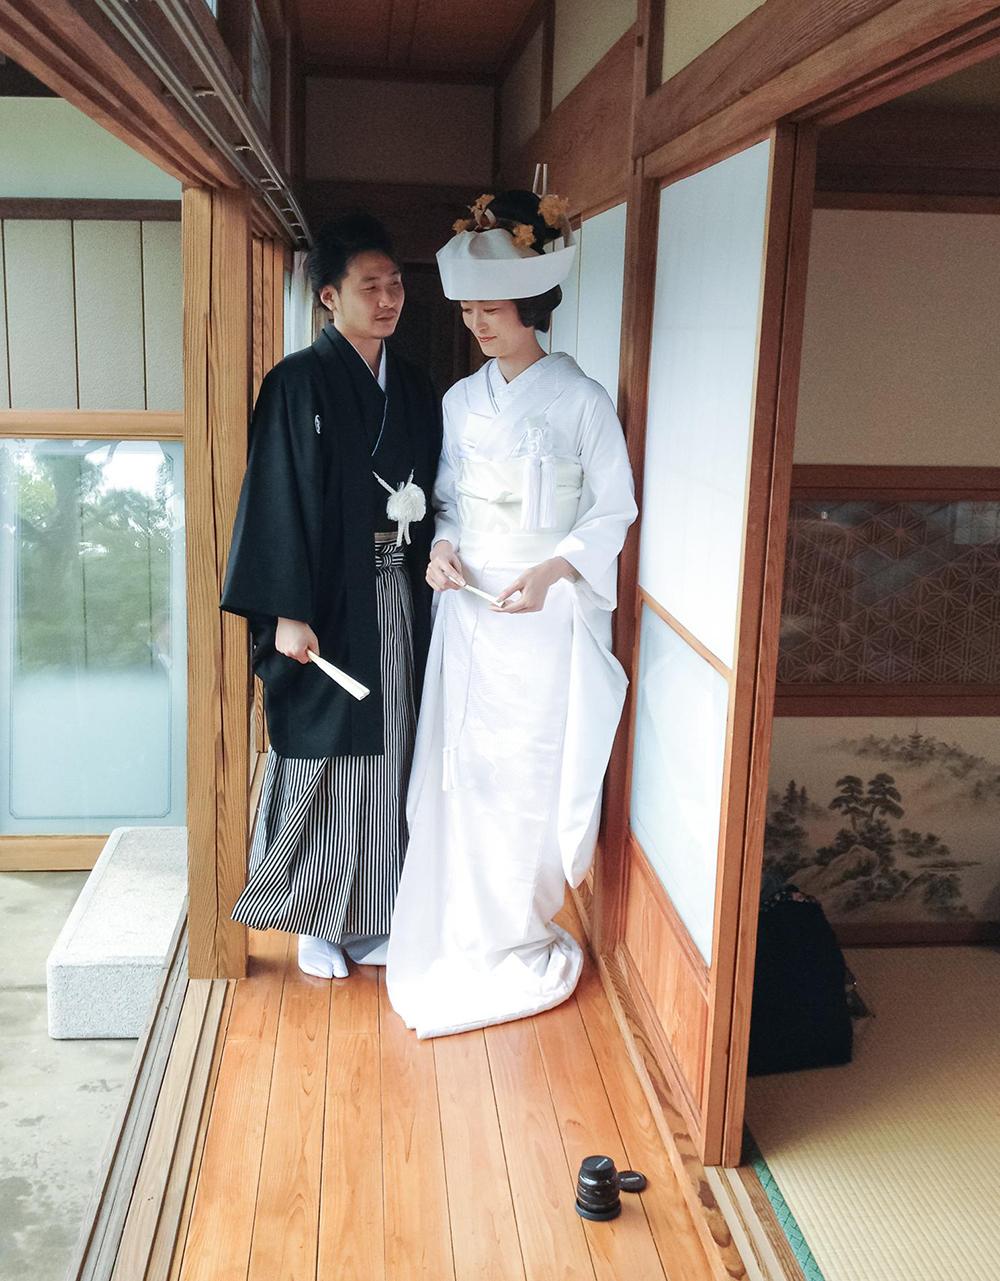 ご家族に見守られながら自宅で花嫁になる喜びの日